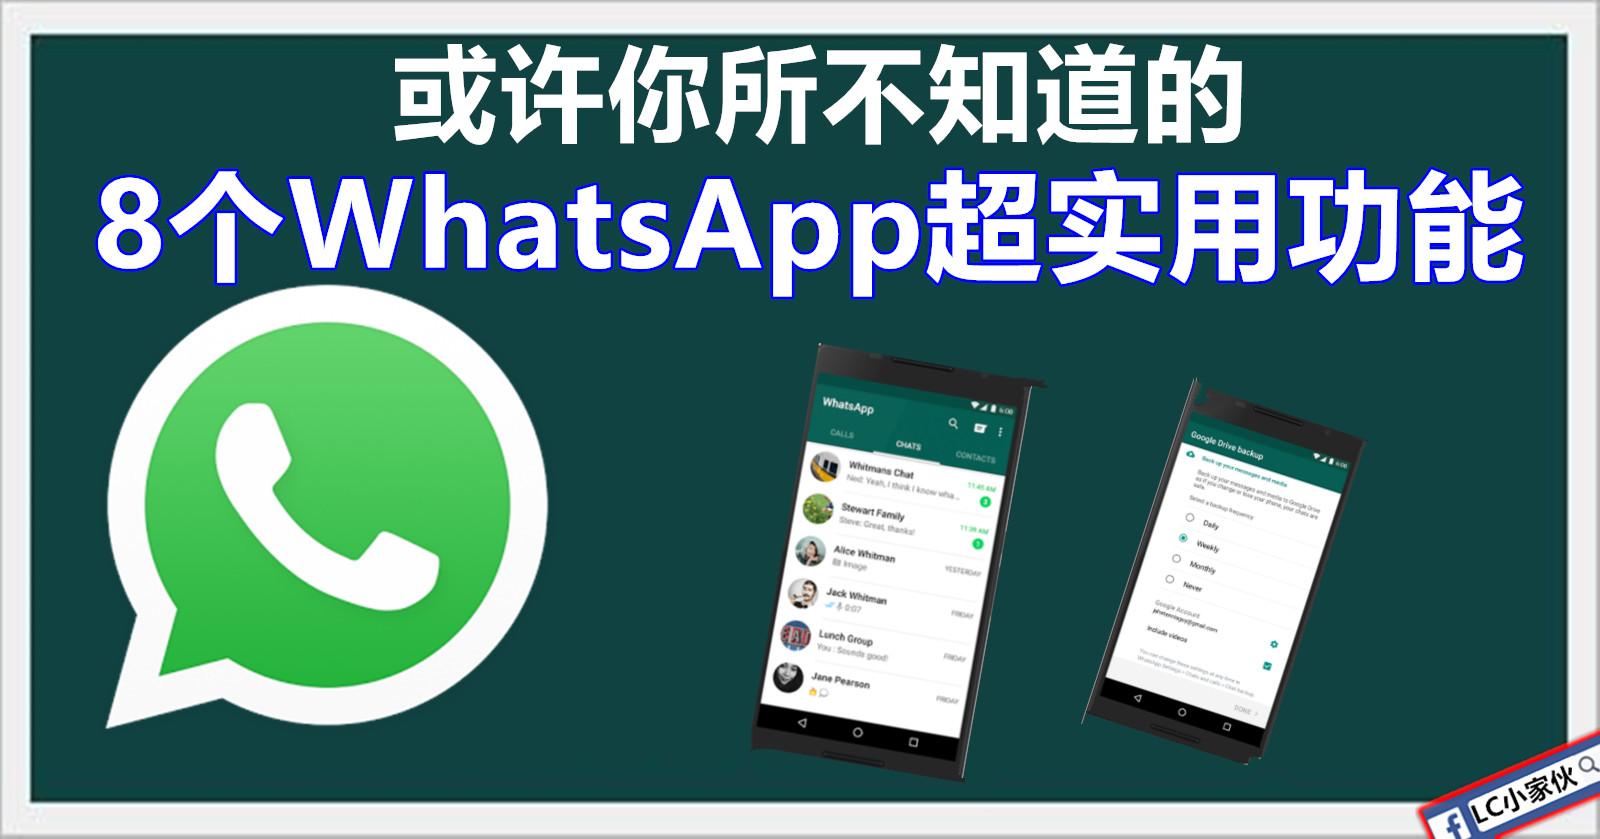 8個WhatsApp超實用新功能 | LC 小傢伙綜合網